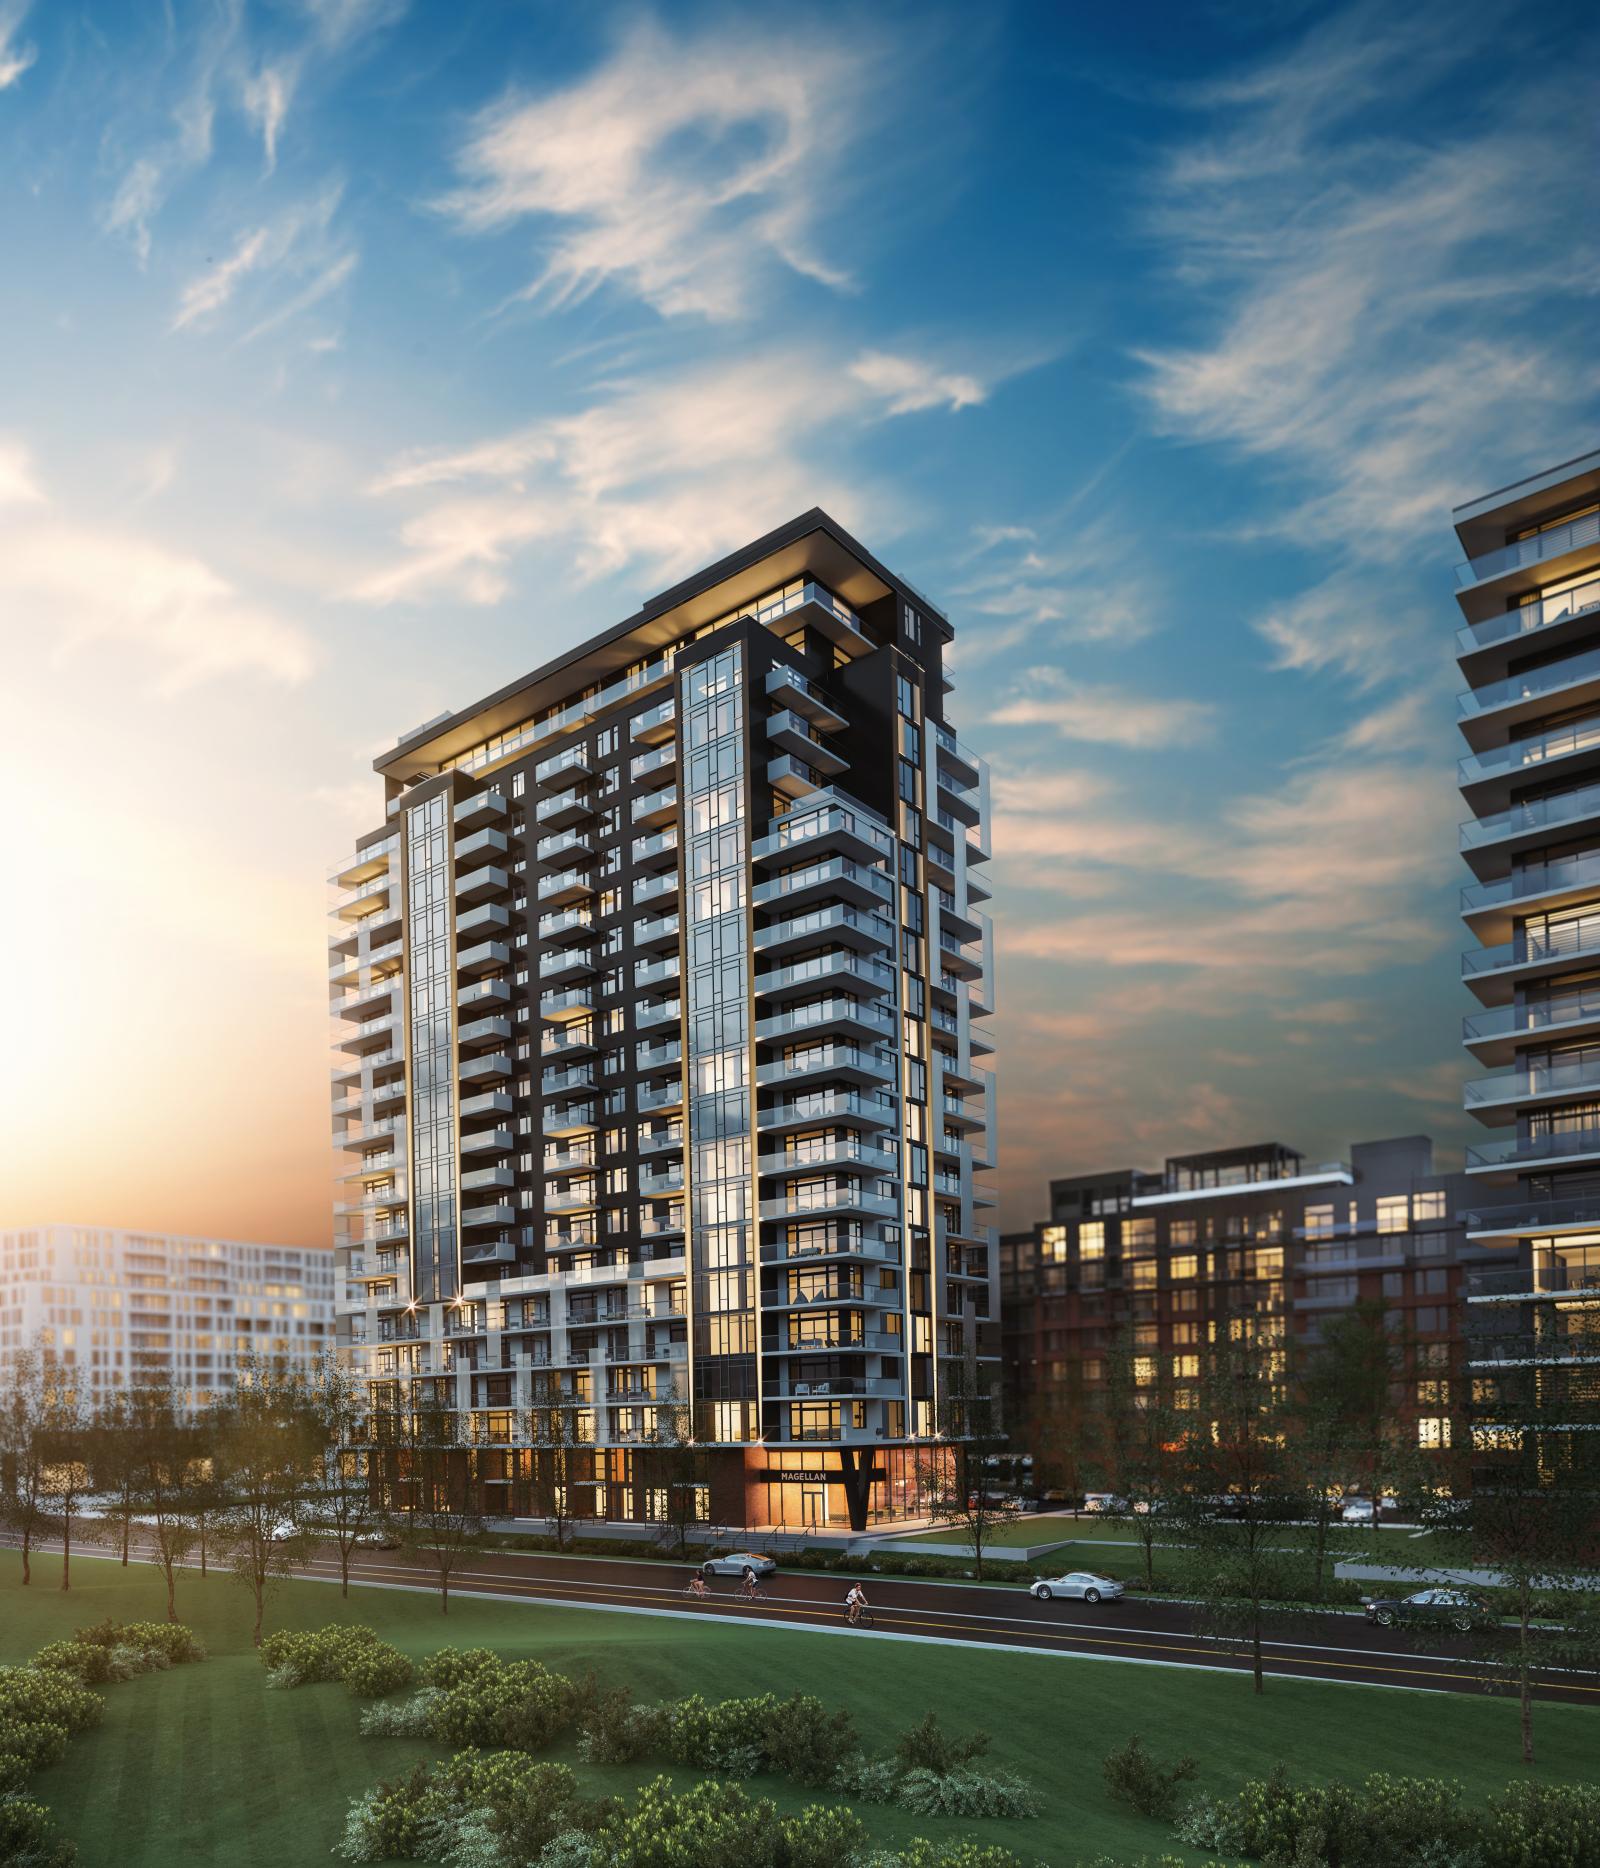 Condo Rentals In: Magellan Condos Phase 3